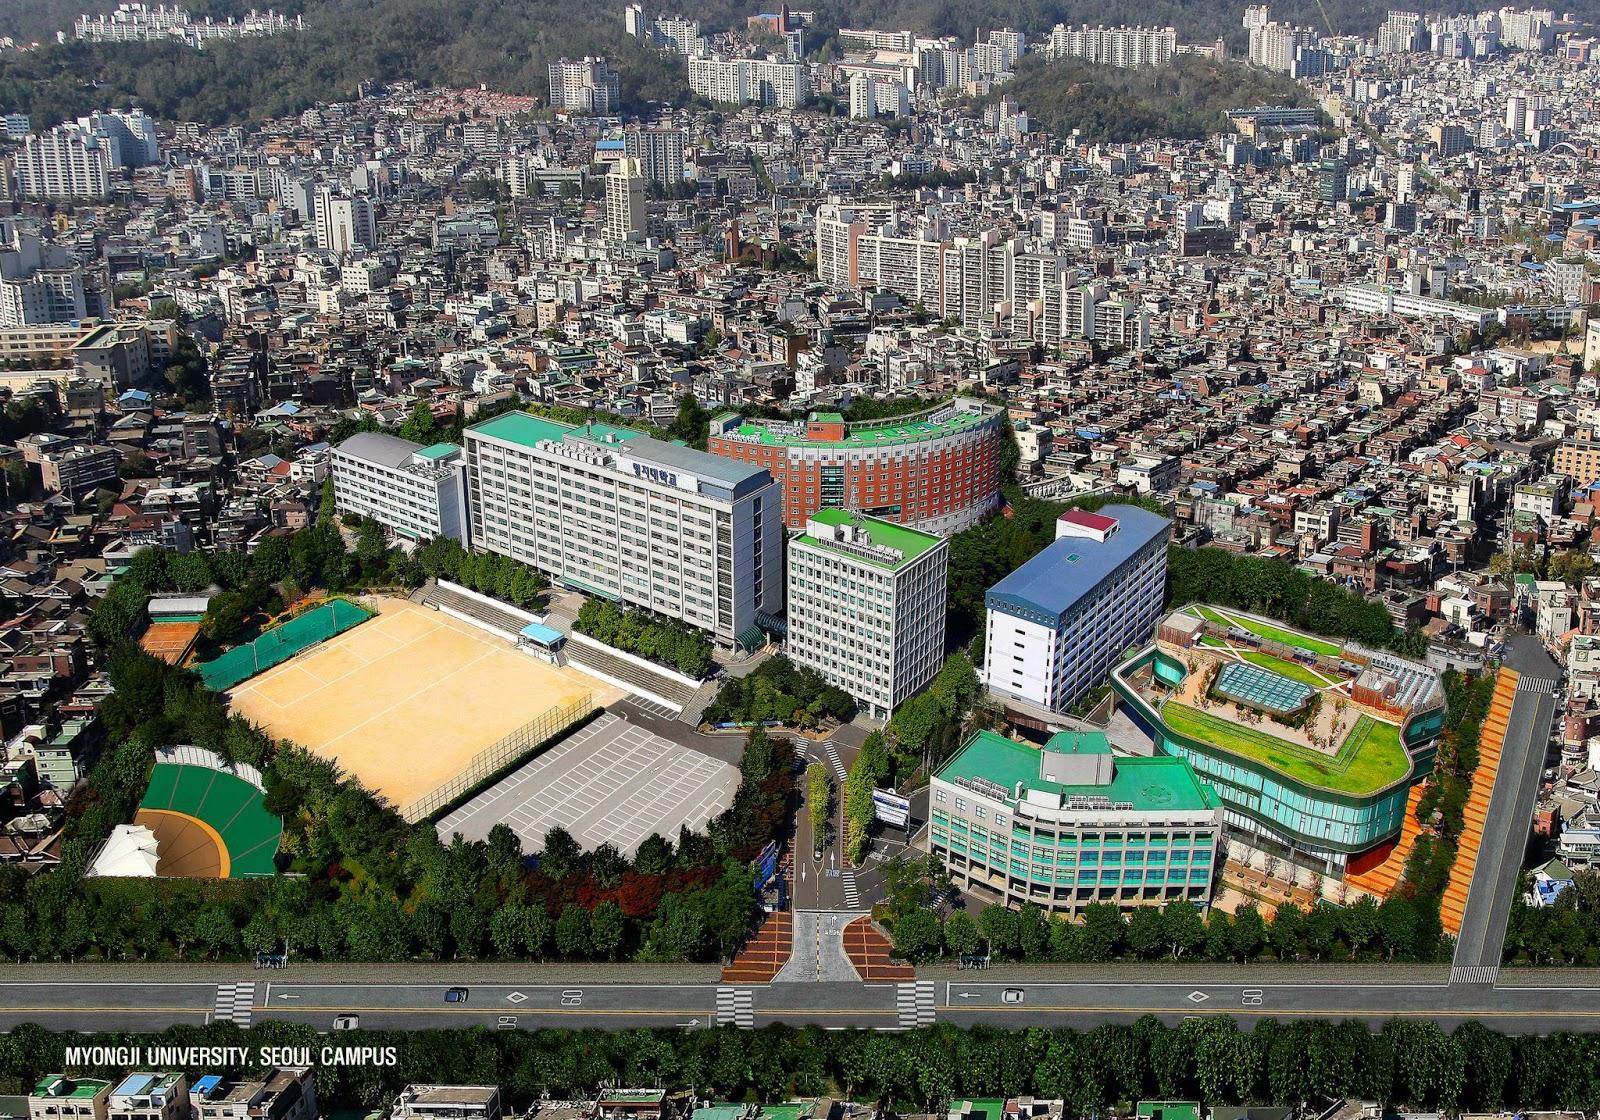 Top những trường đại học tốt nhất Hàn Quốc